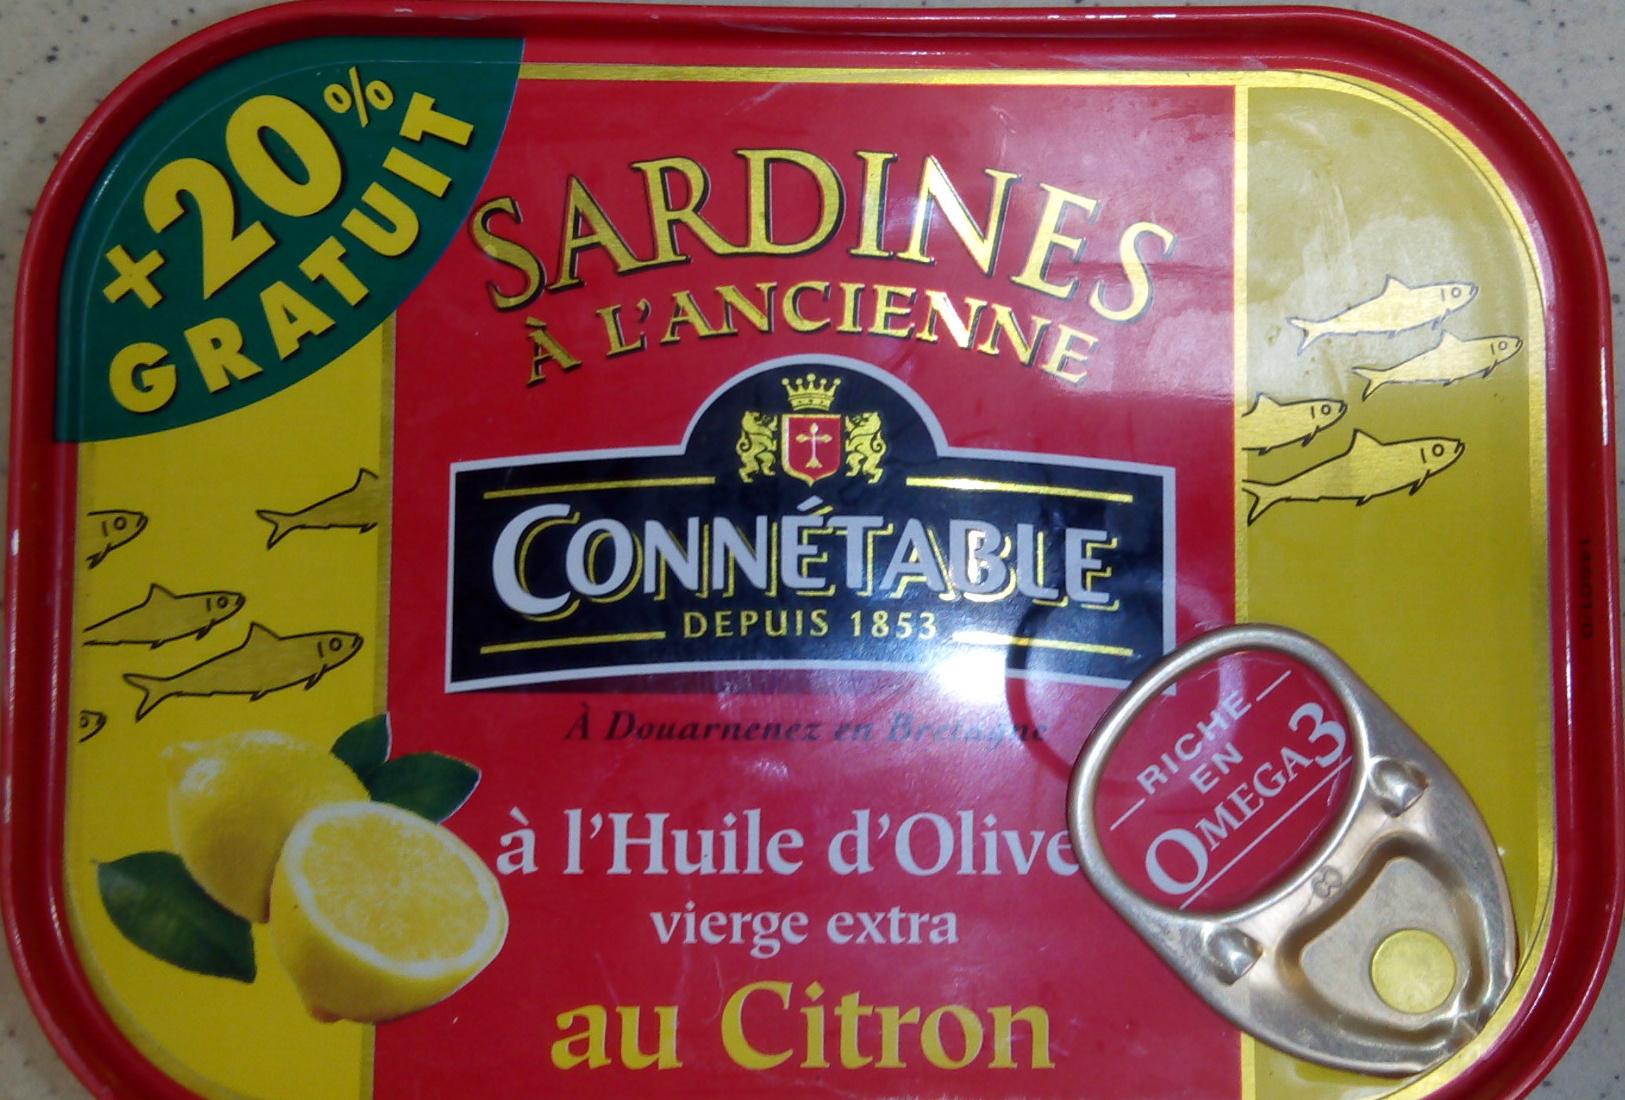 Sardine à l'ancienne à l'huile d'olive vierge extra au citron - Product - fr